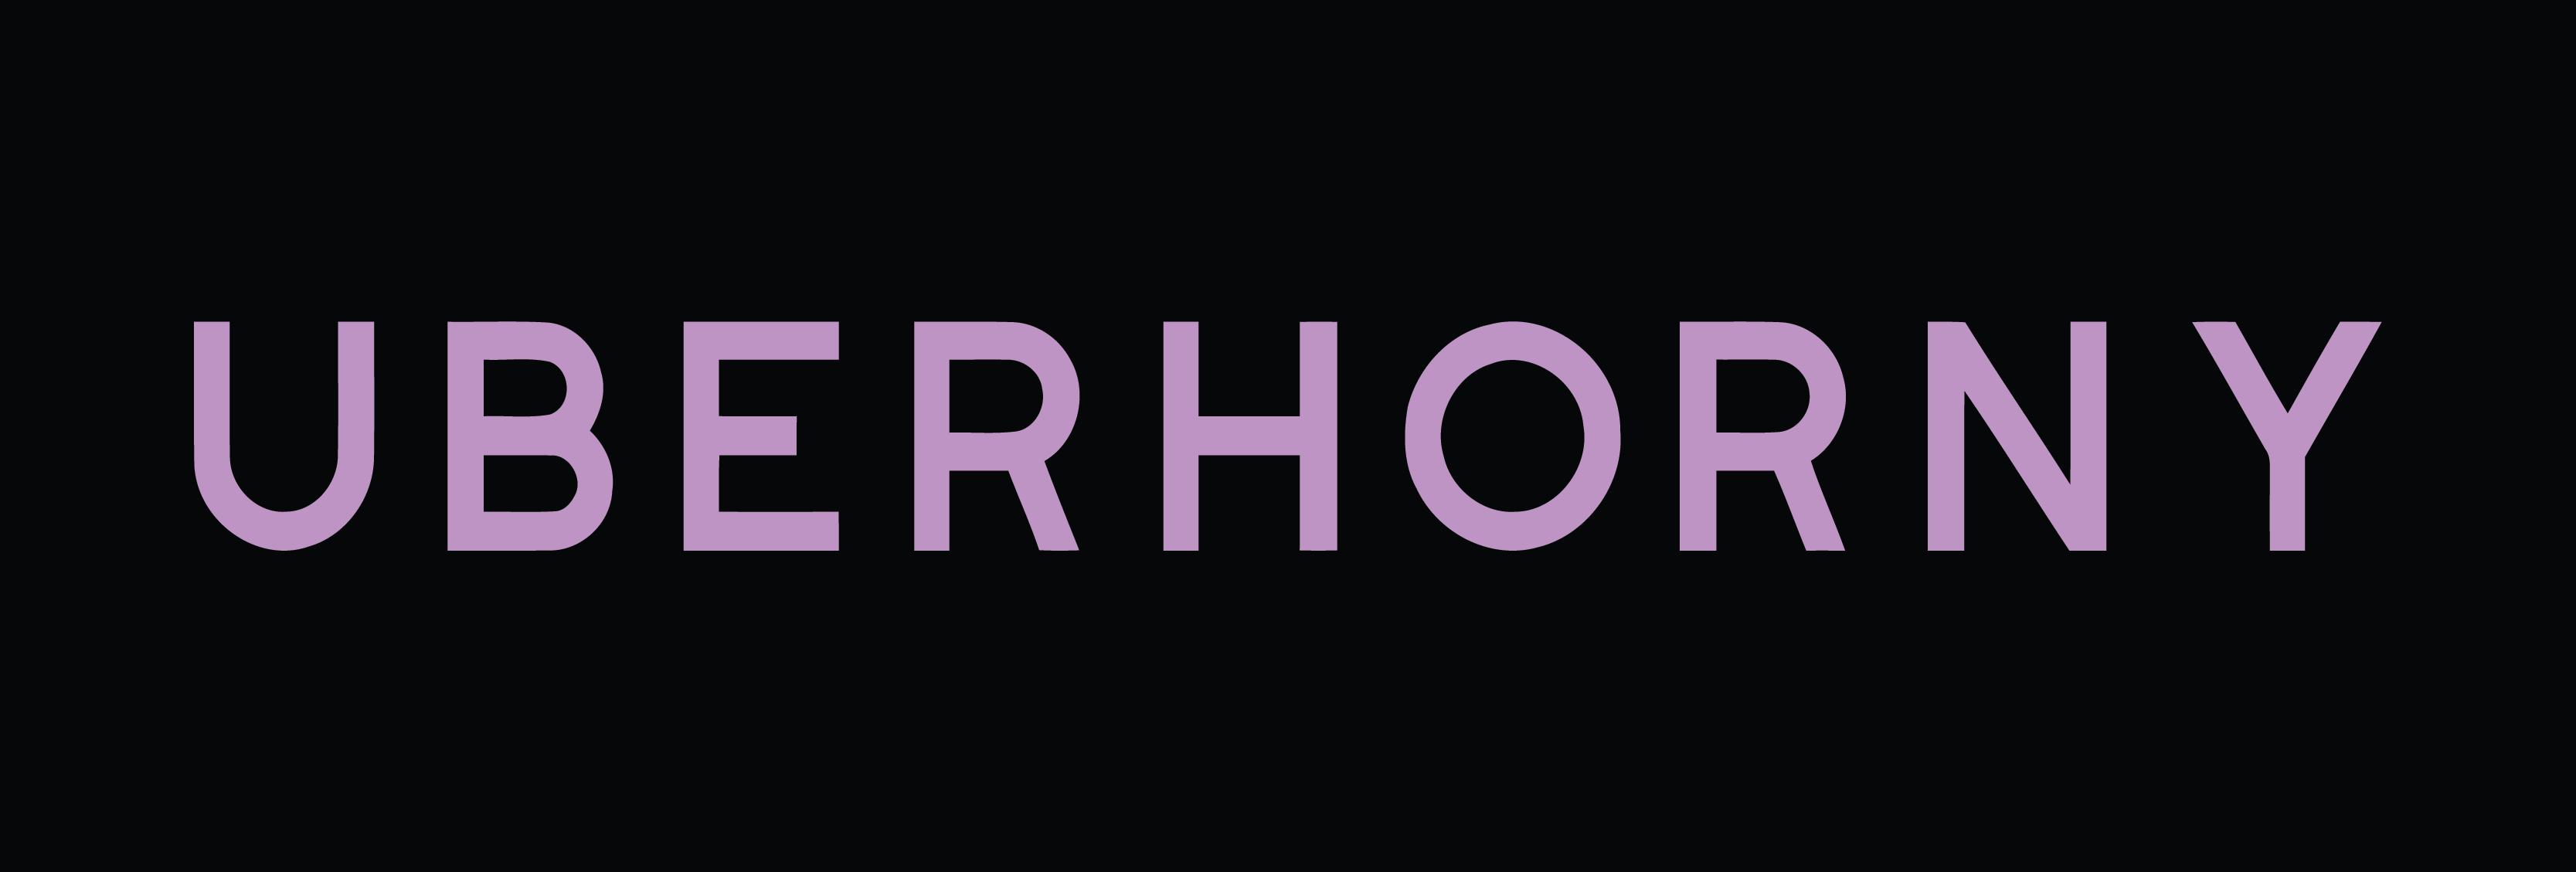 uberhorny logo